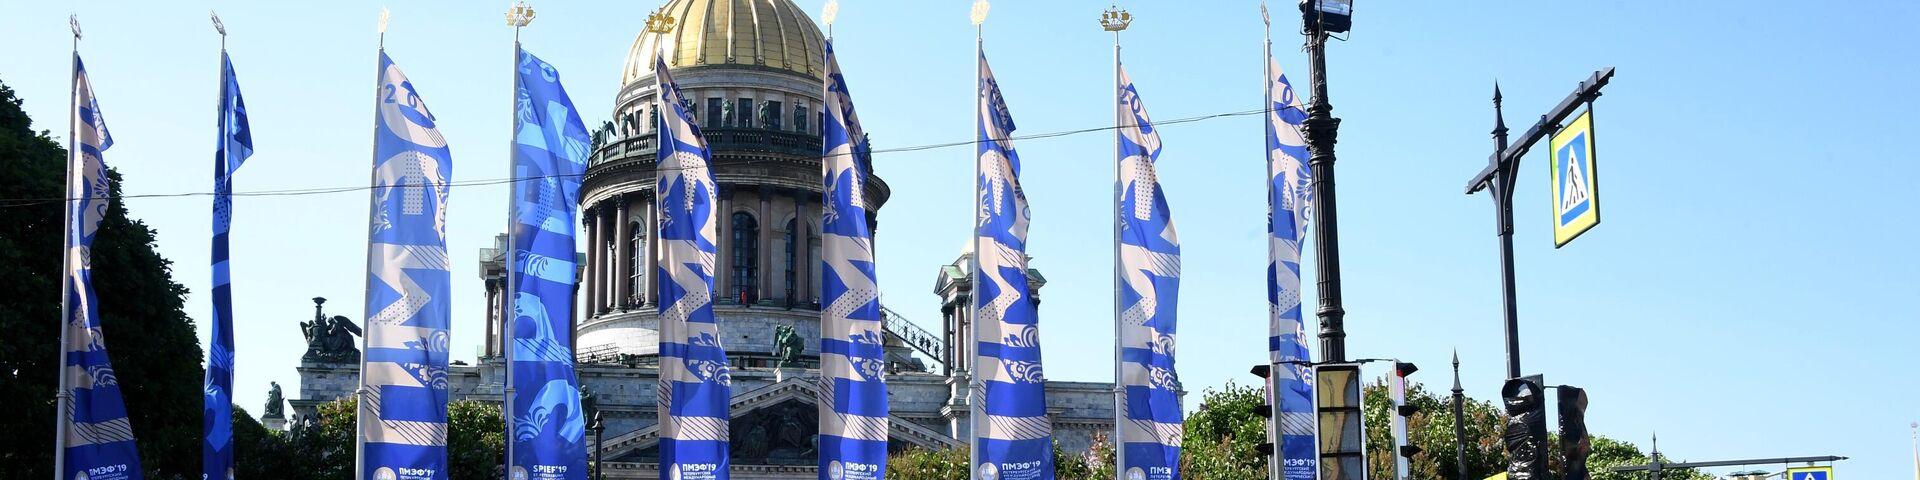 Флаги с символикой Петербургского международного экономического форума - РИА Новости, 1920, 13.05.2019